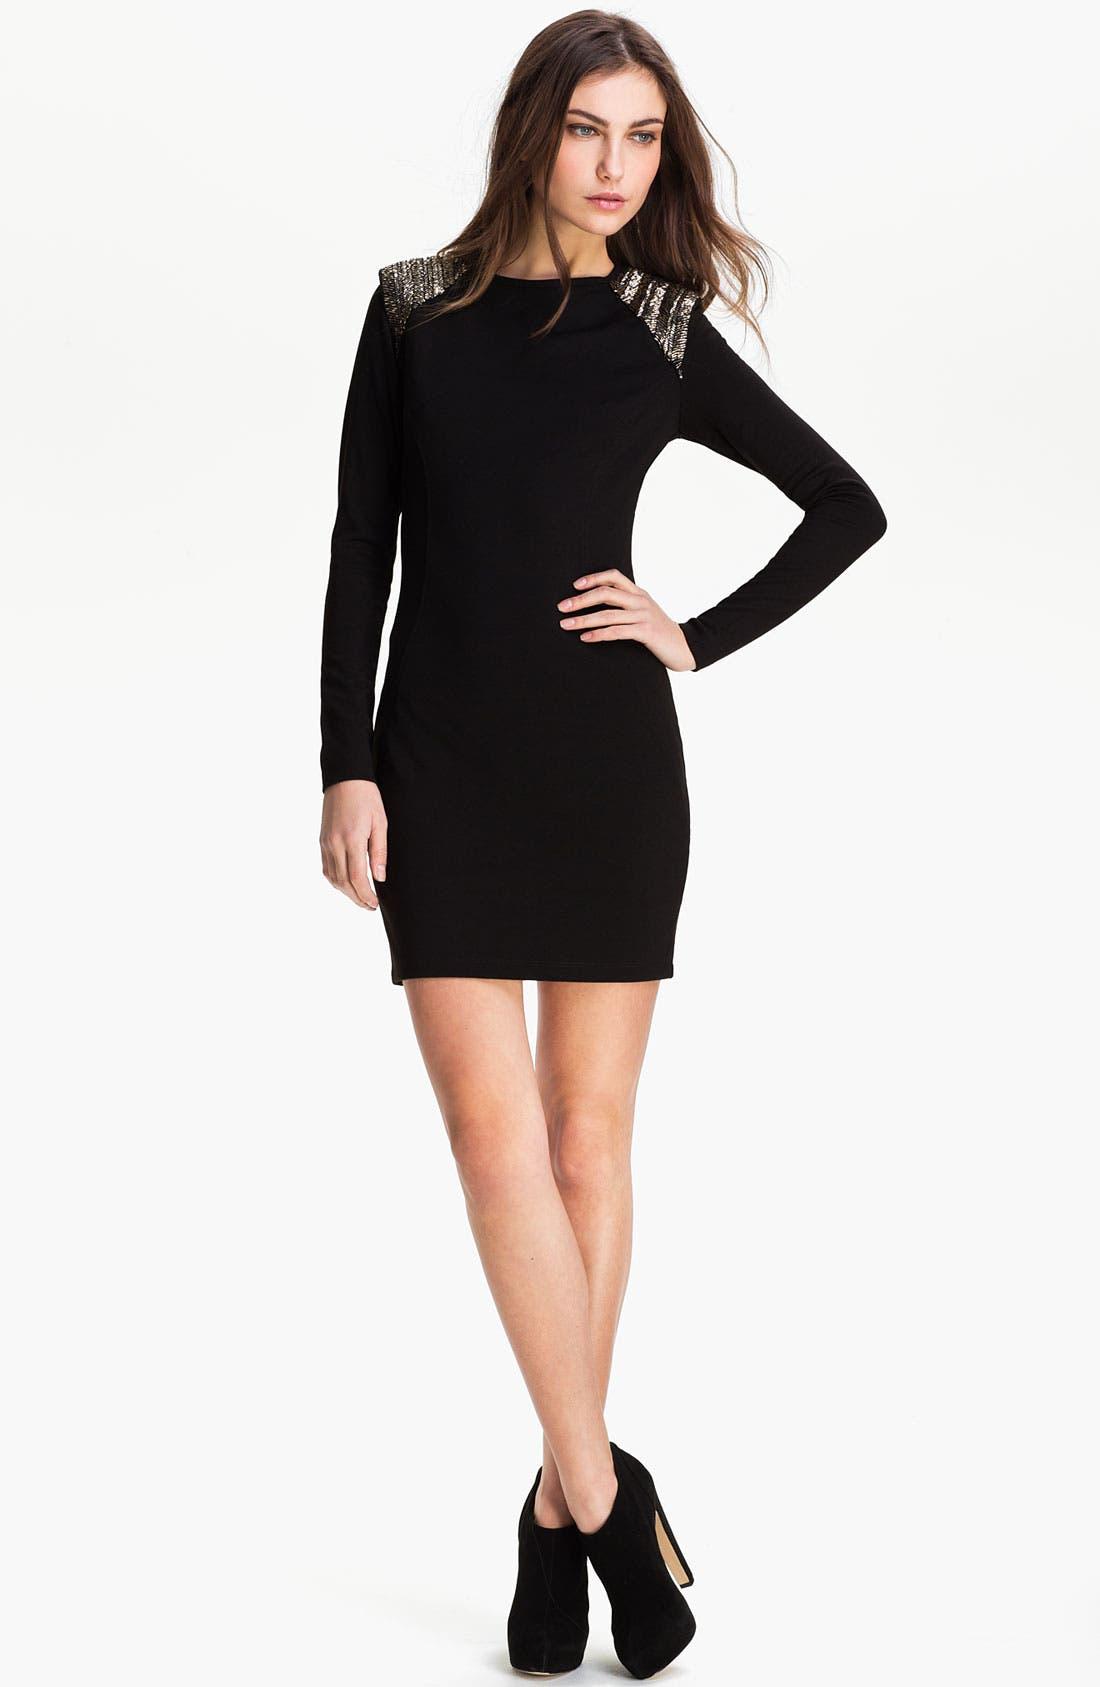 Alternate Image 1 Selected - Ted Baker London Embellished Shift Dress